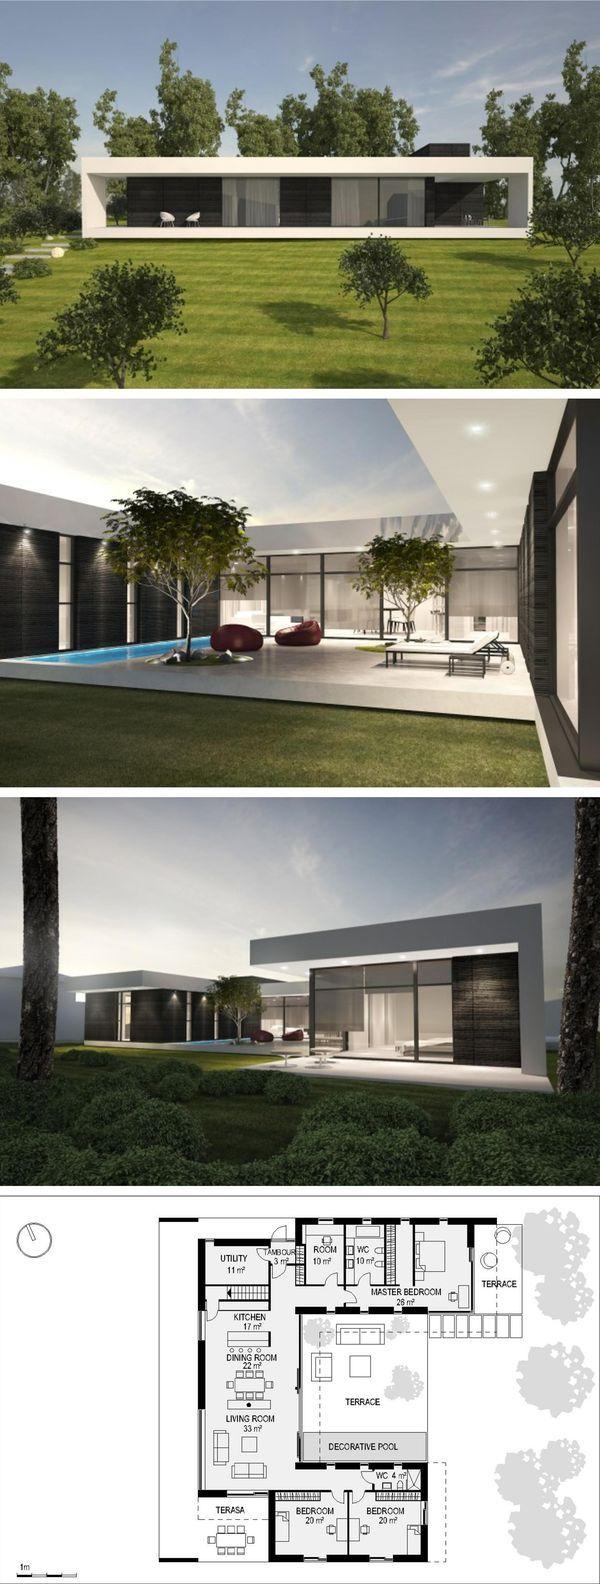 Grundrisse ideen immobilien fassaden wohnen moderne architektur haus moderne häuser architektur design mein traumhaus